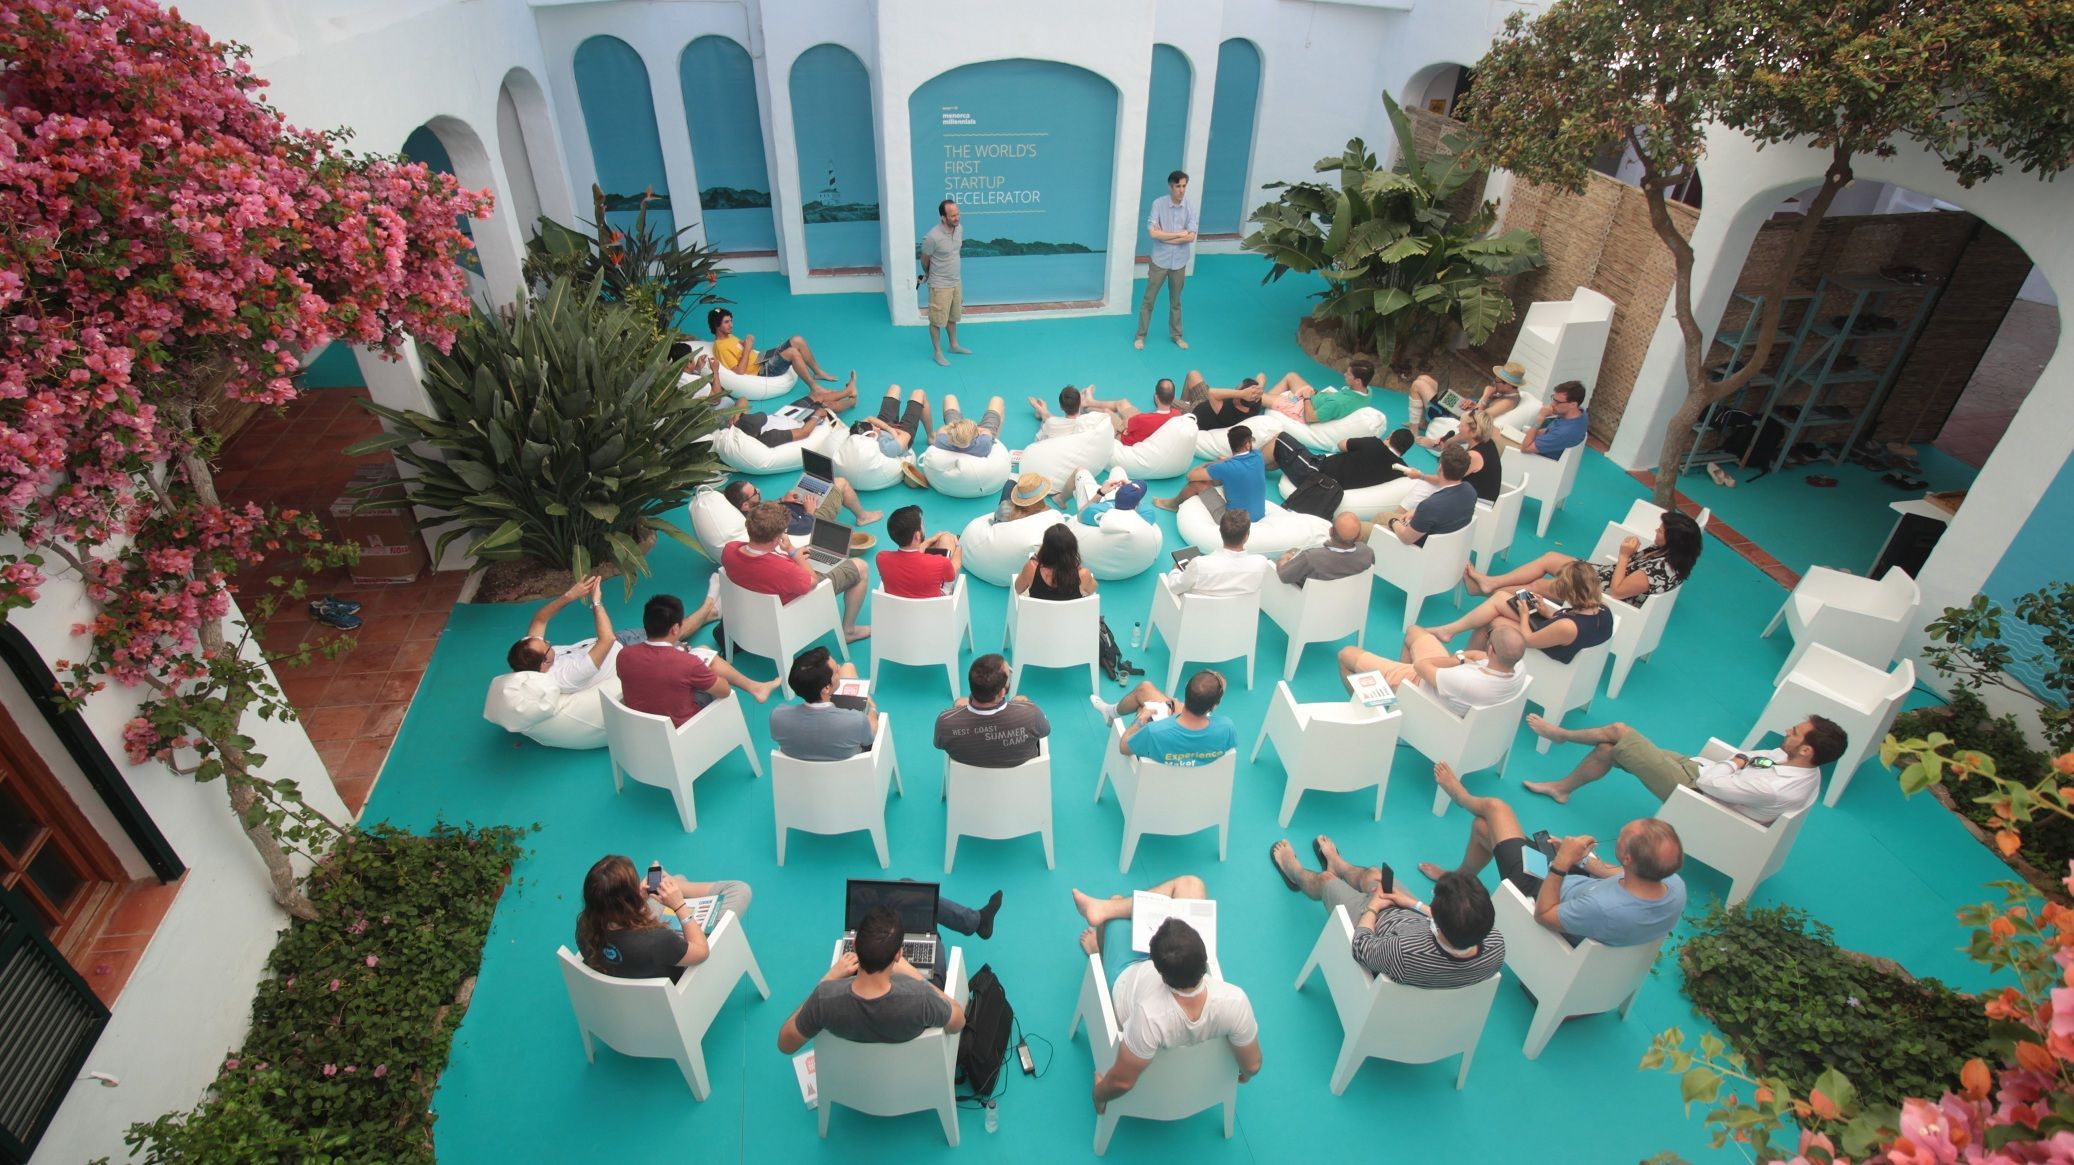 Menorca Millennials busca 30 startups internacionales para potenciarlas durante 18 meses